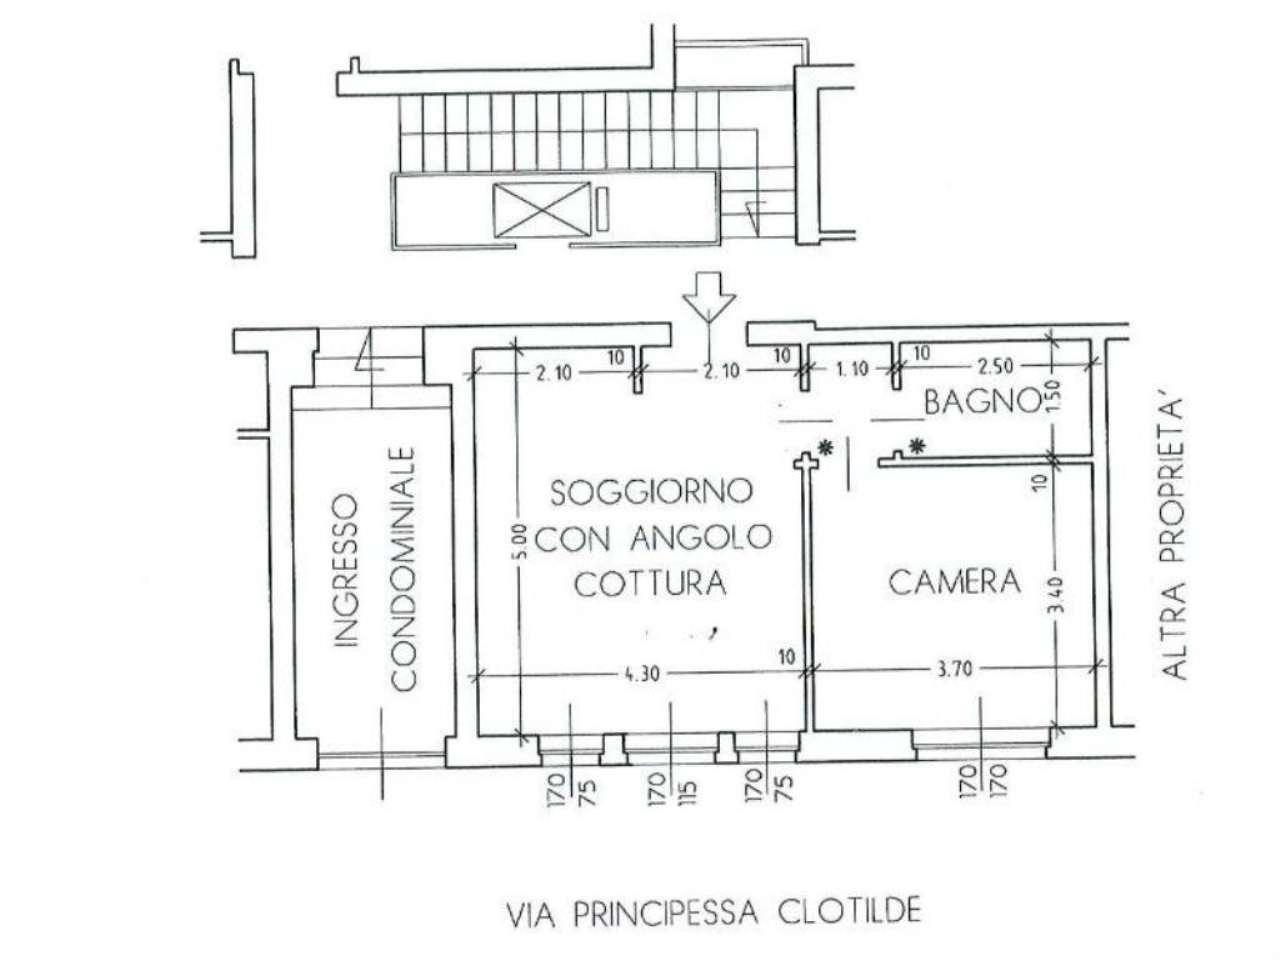 Affitto  bilocale Torino Via Principessa Clotilde 1 938370